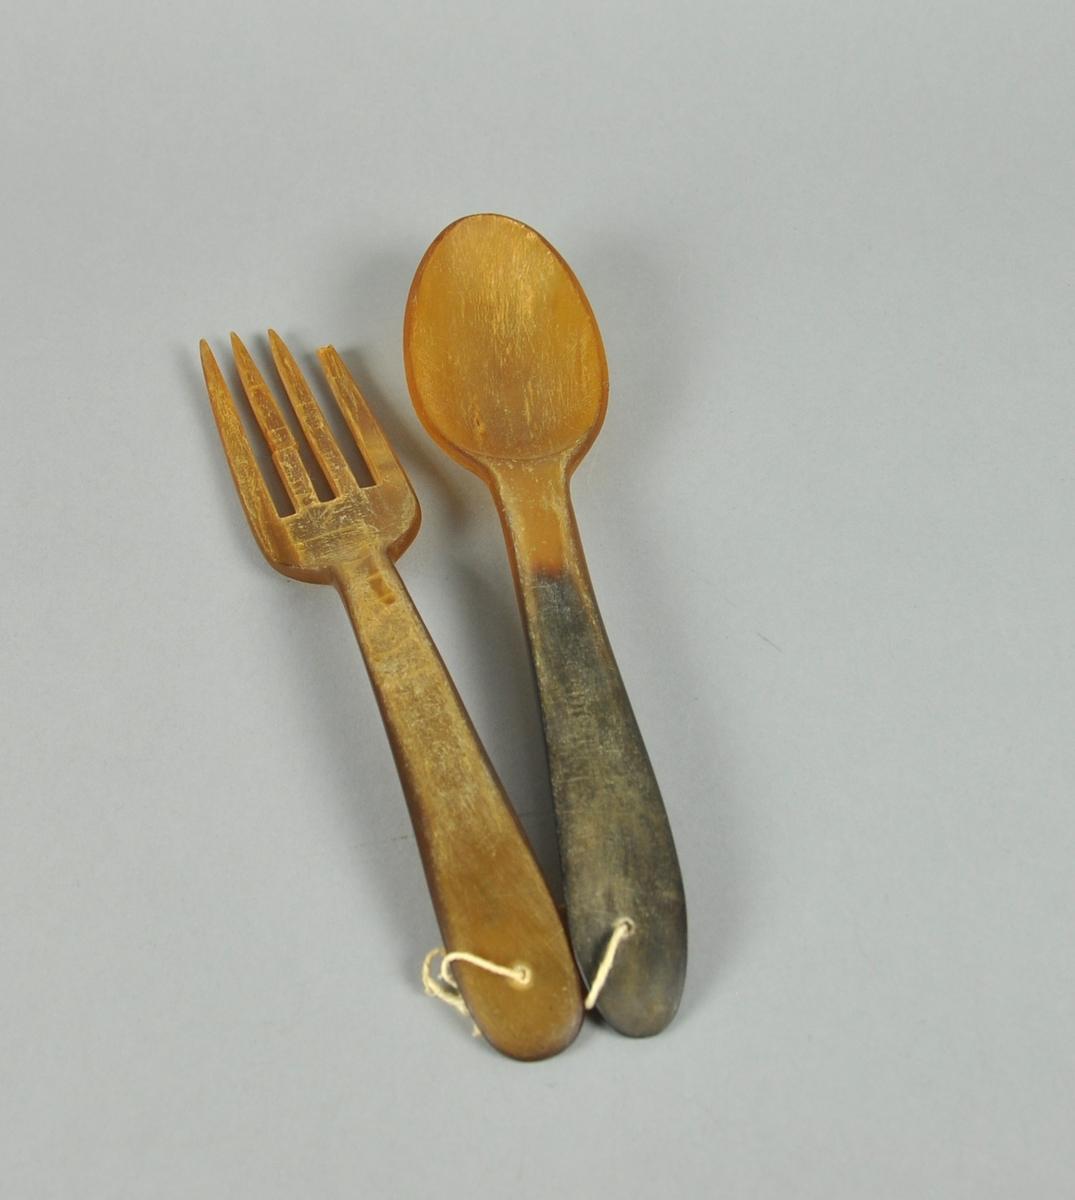 Salatbestikk av horn eller bein, bestående av en gaffel og en skje.